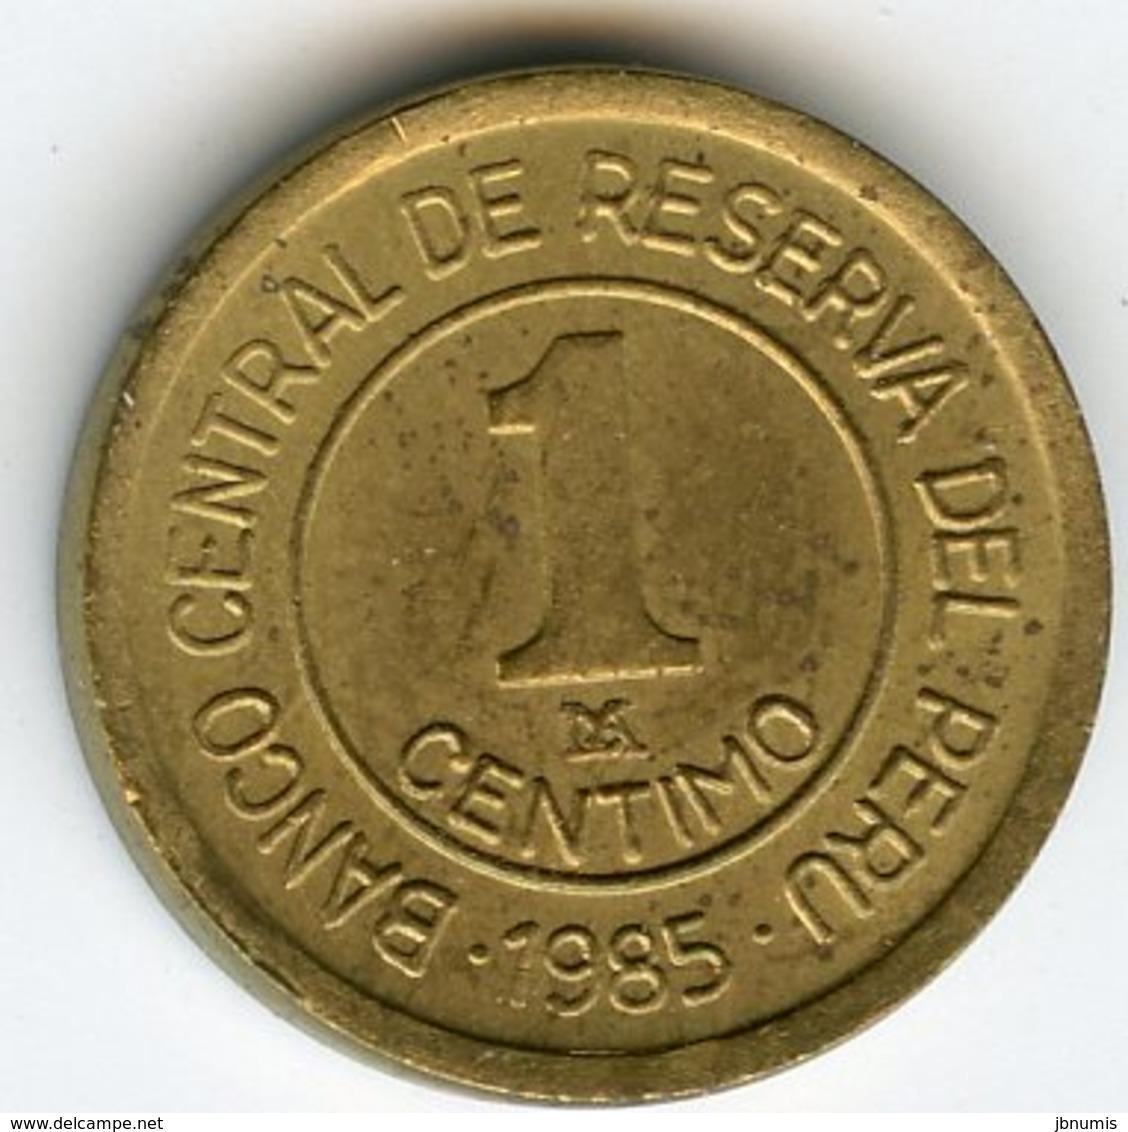 Pérou Peru 1 Centimo 1985 KM 291 - Pérou